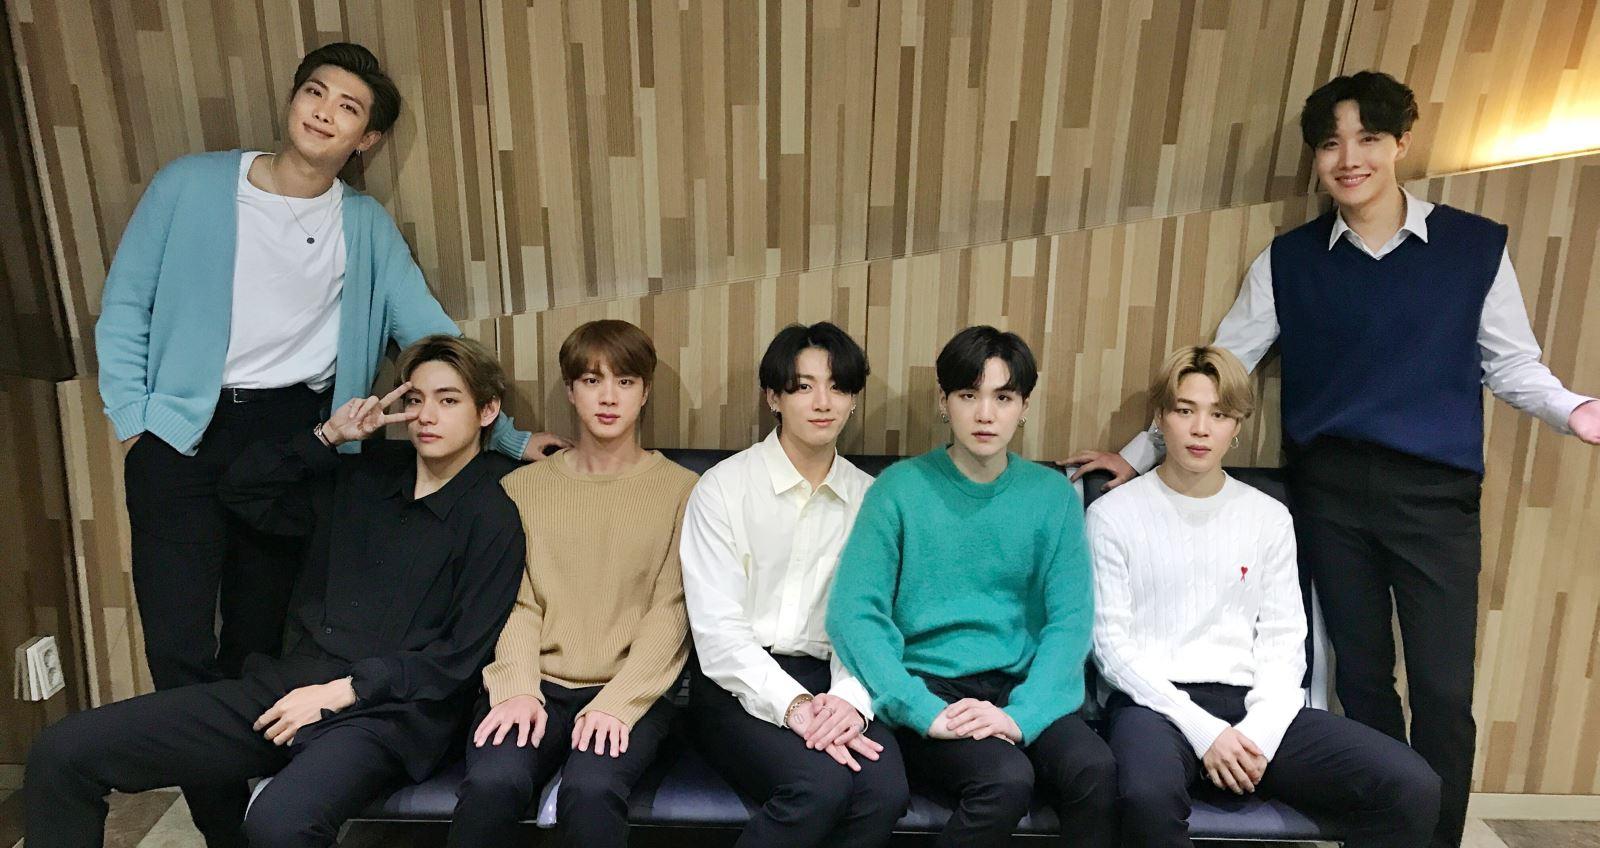 BTS, Jimin, lộ thông tin album mới của BTS, album mới BTS, BTS comeback, Jimin khéo léo tiết lộ thông tin về album mới của BTS ngay trên bản tin thời sự Hàn Quốc